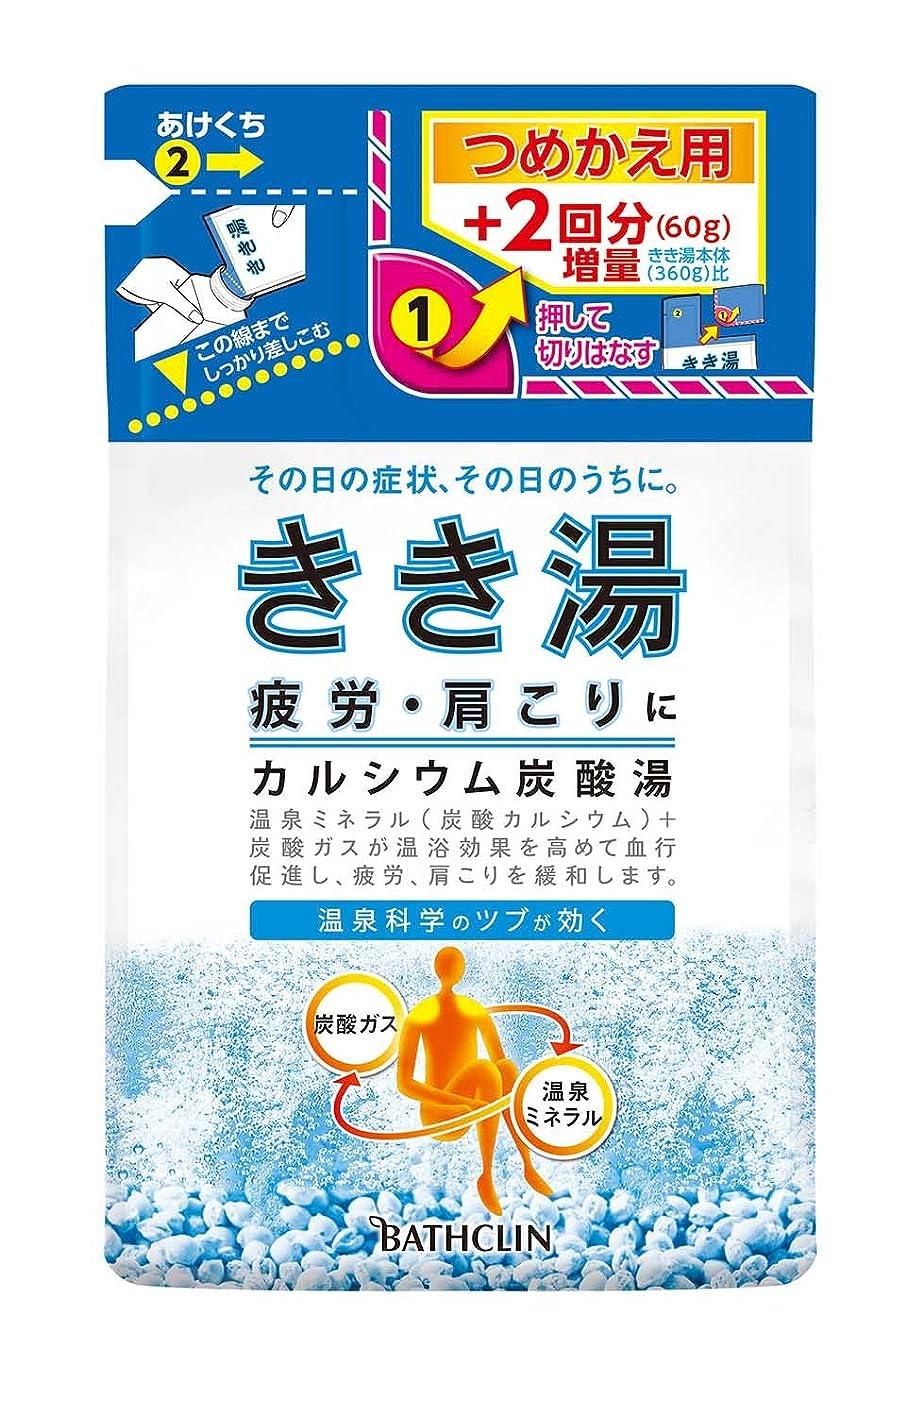 贅沢な妥協クリーナーきき湯 カルシウム炭酸湯 つめかえ用 420g 入浴剤 (医薬部外品)